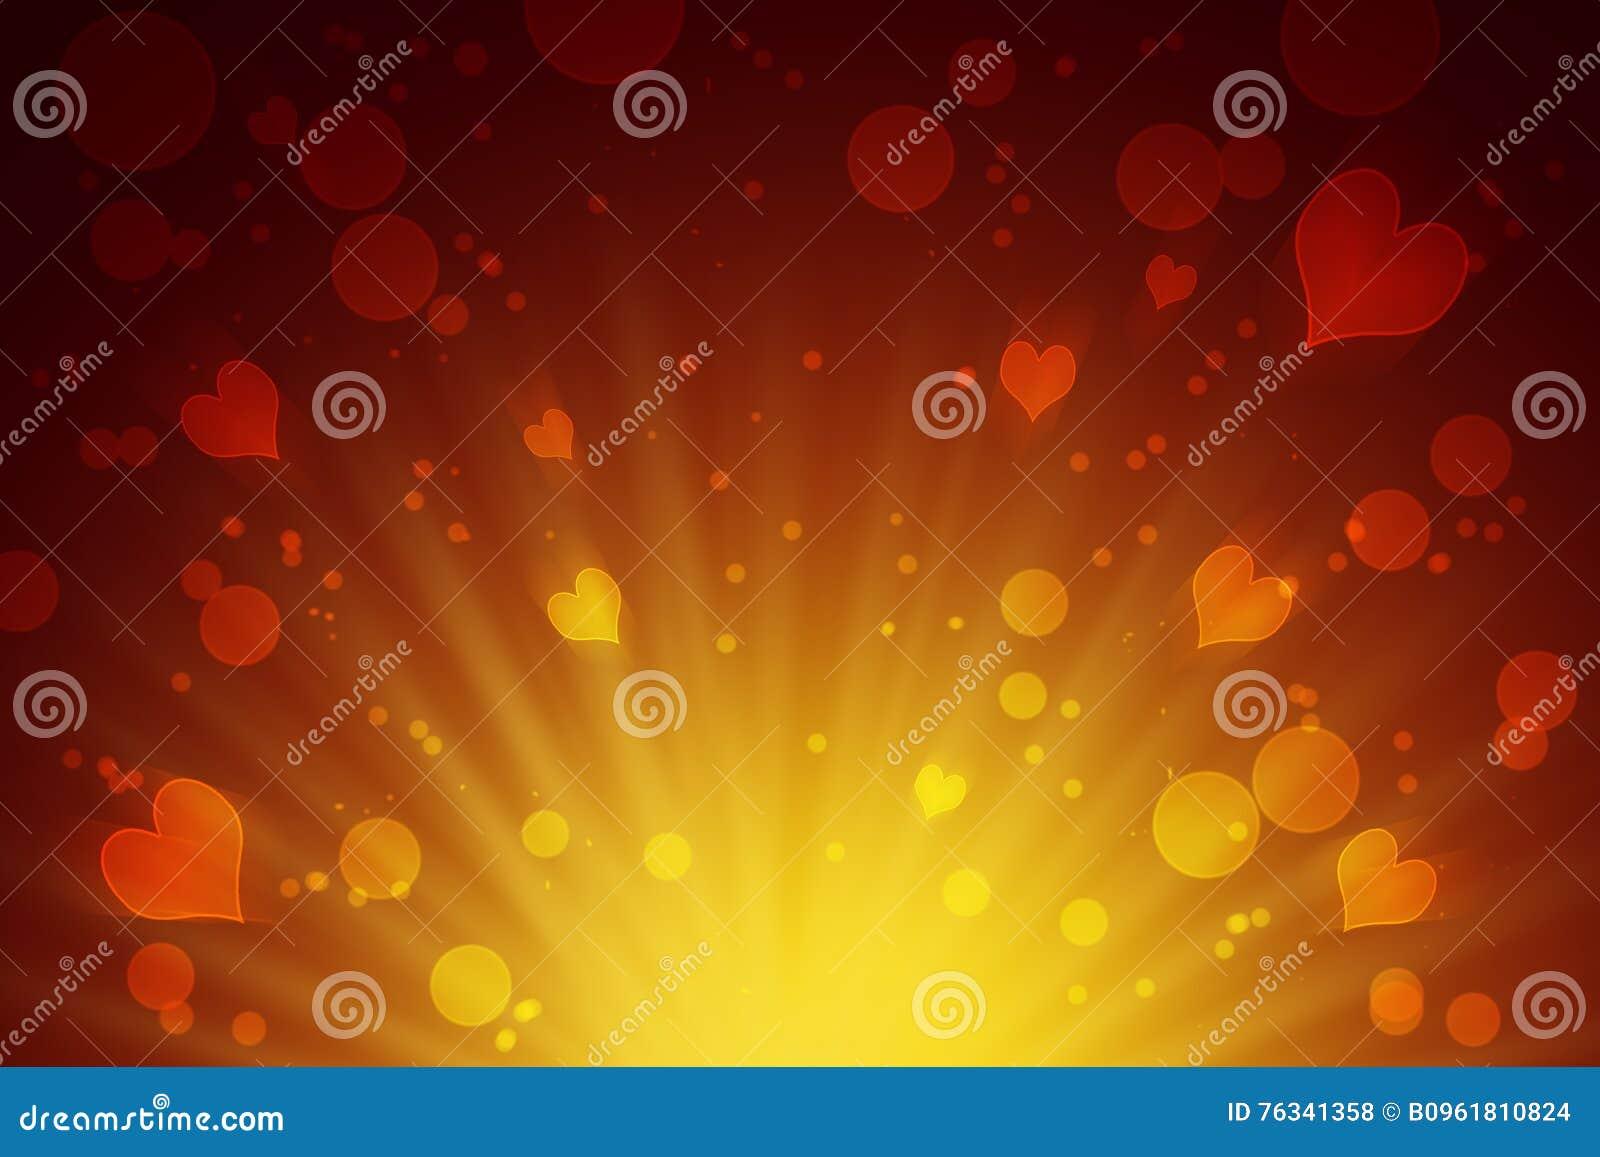 圈子和心脏黄色抽象背景 庆祝 爱